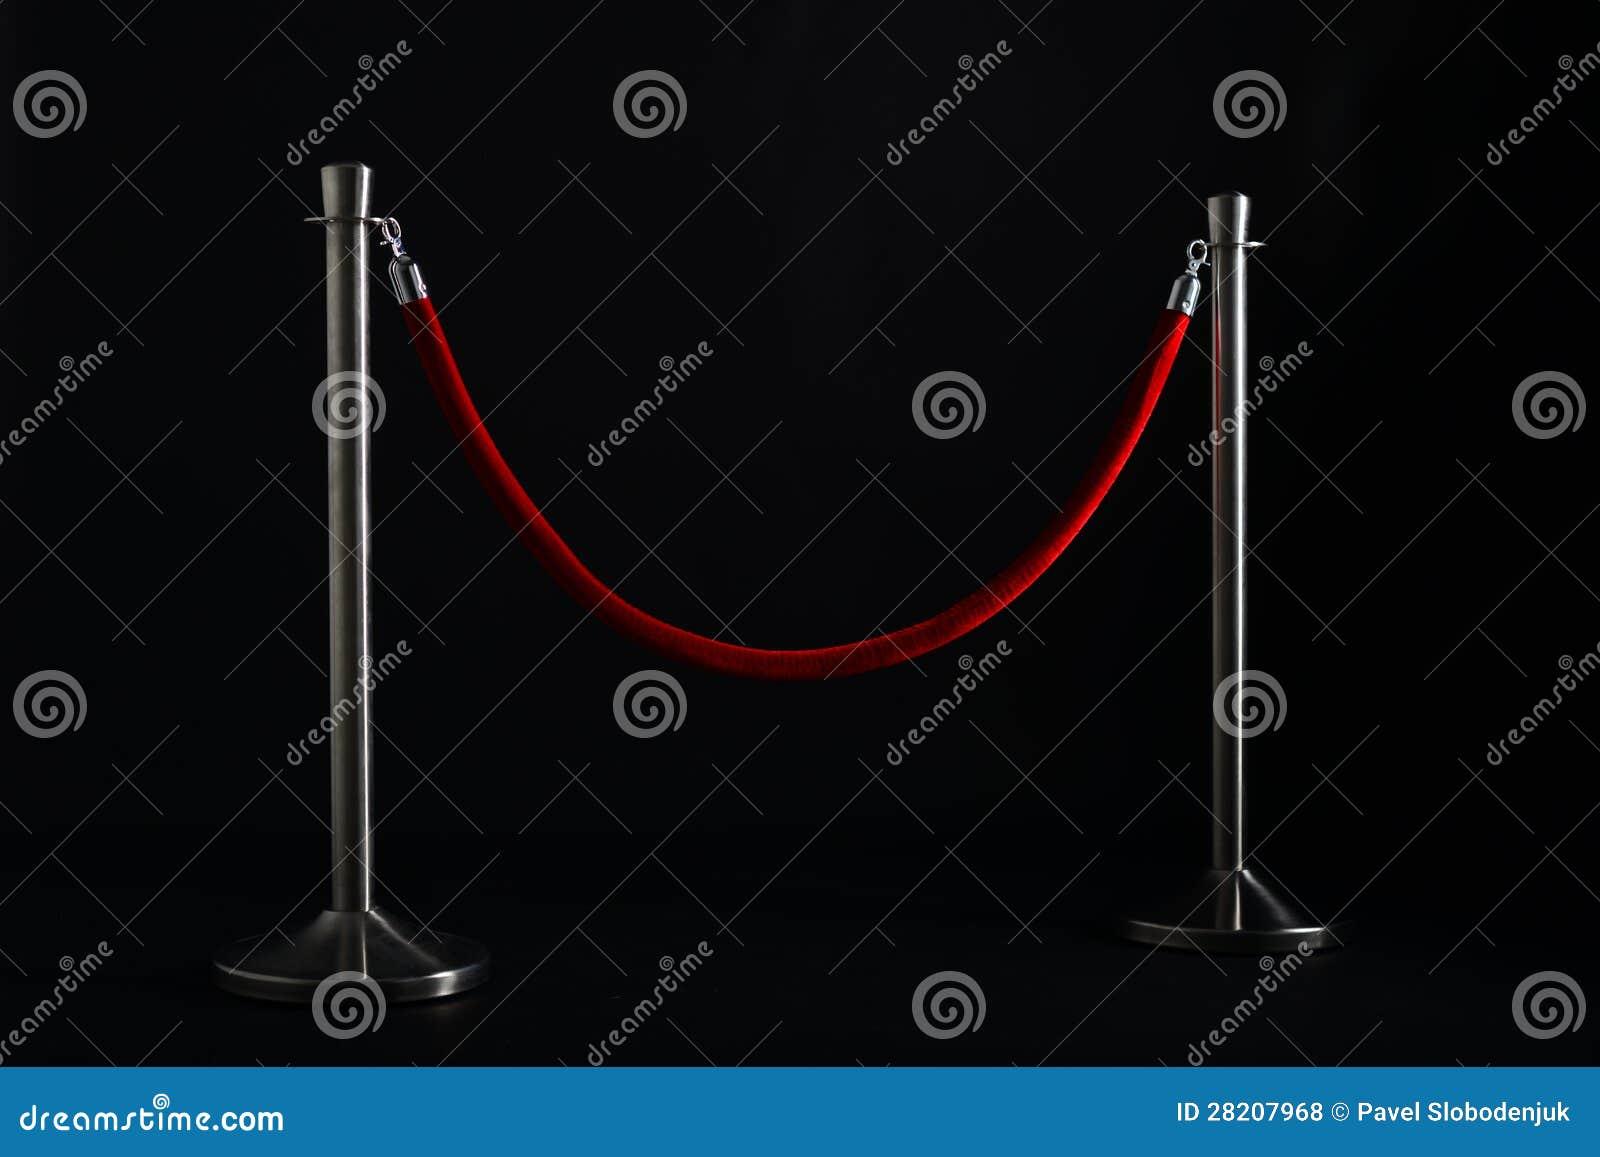 Försilvra stolpar med ett rött rep royaltyfria foton   bild: 28207968